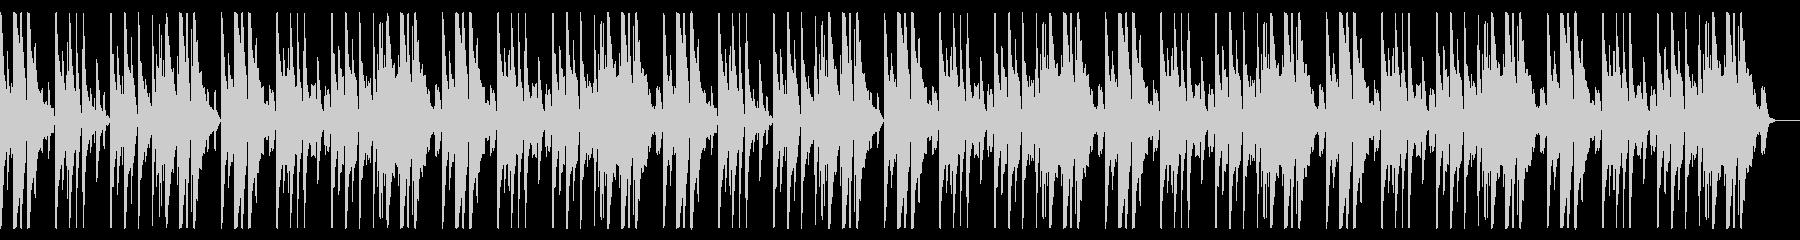 明るく切ないピアノメインのBGMaの未再生の波形